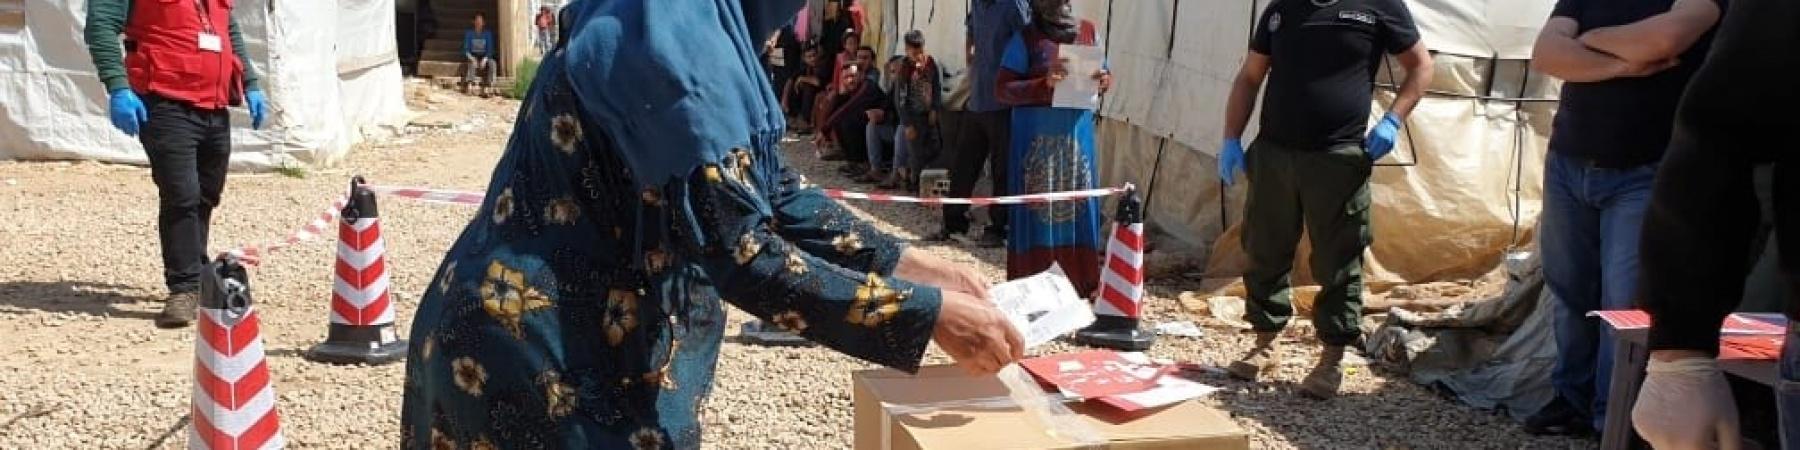 Donna Libanese di profilo mentre prende scatola kit emergenza save the hildren